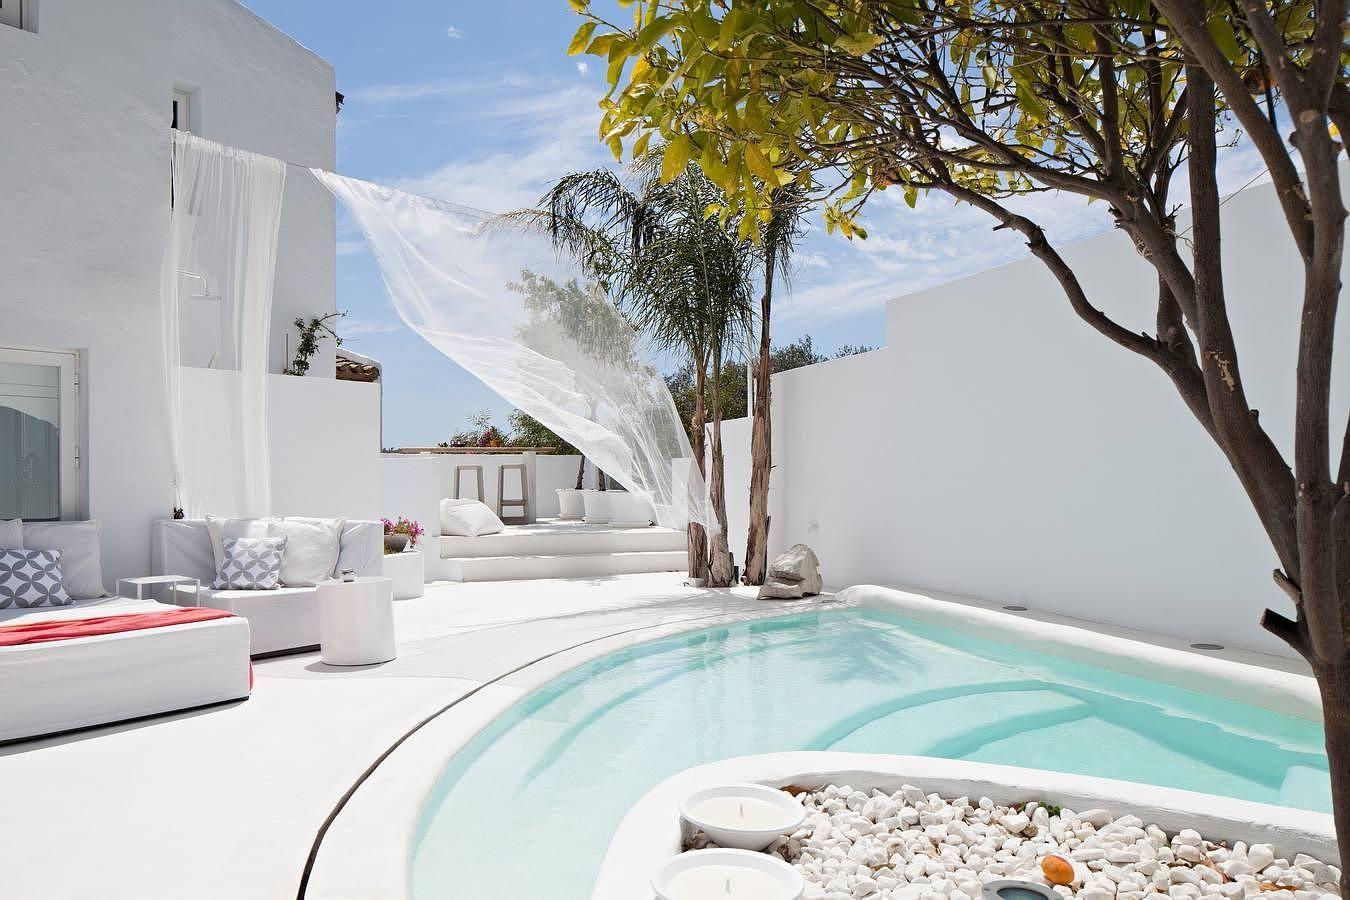 Piscina de microcemento blanco microcemento en la - Microcemento para piscinas ...